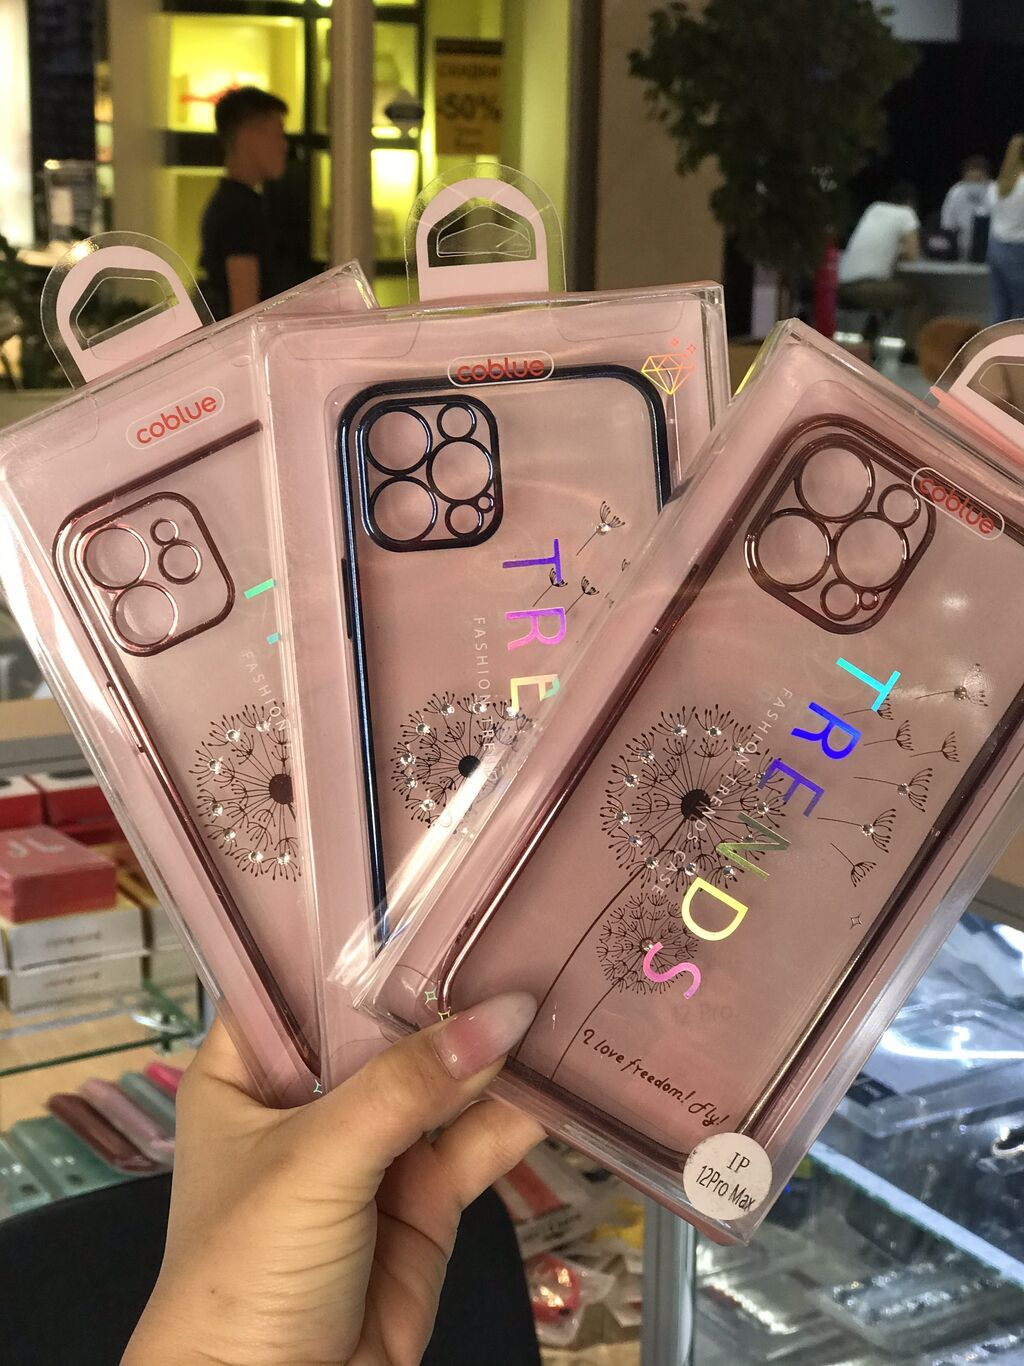 Чехлы отличного качества, на новые модели iPhone  Отличная защита, Нео: Чехлы отличного качества, на новые модели iPhone  Отличная защита, Нео